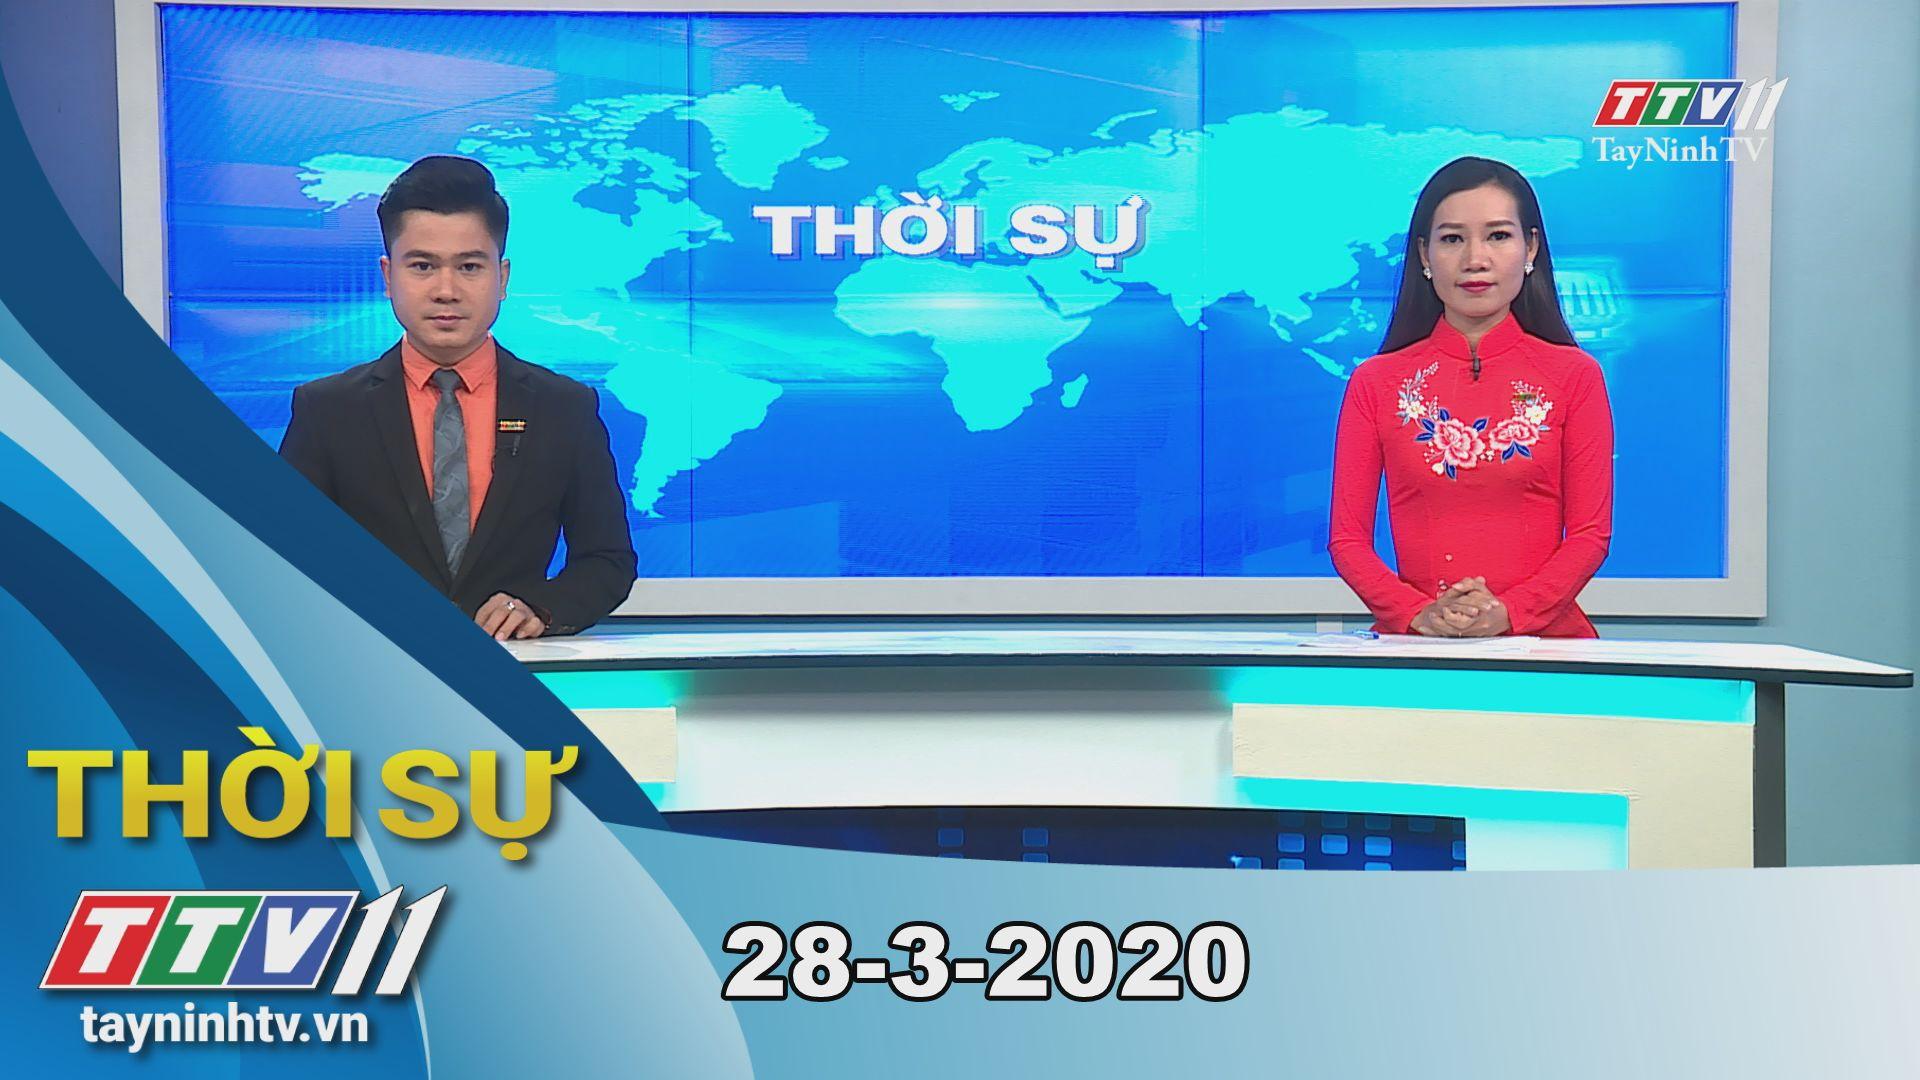 Thời sự Tây Ninh 28-3-2020 | Tin tức hôm nay | TayNinhTV